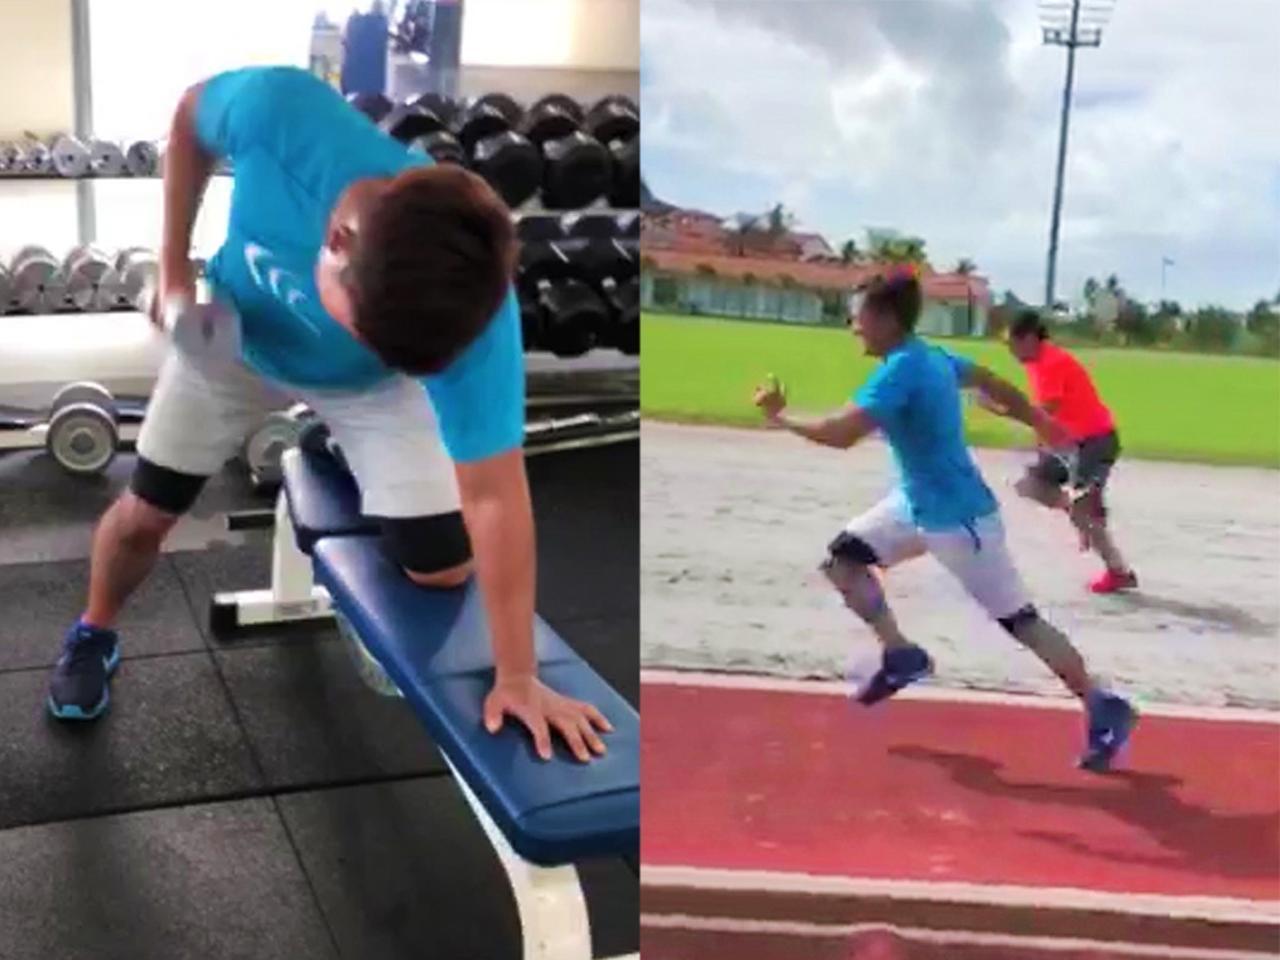 画像: どのトレーニングをするにも「全身を使った動きを意識させている」と渡辺トレーナー。120 キロのおもりでスクワットができるようになったのも、全身の筋力がついたからと言う